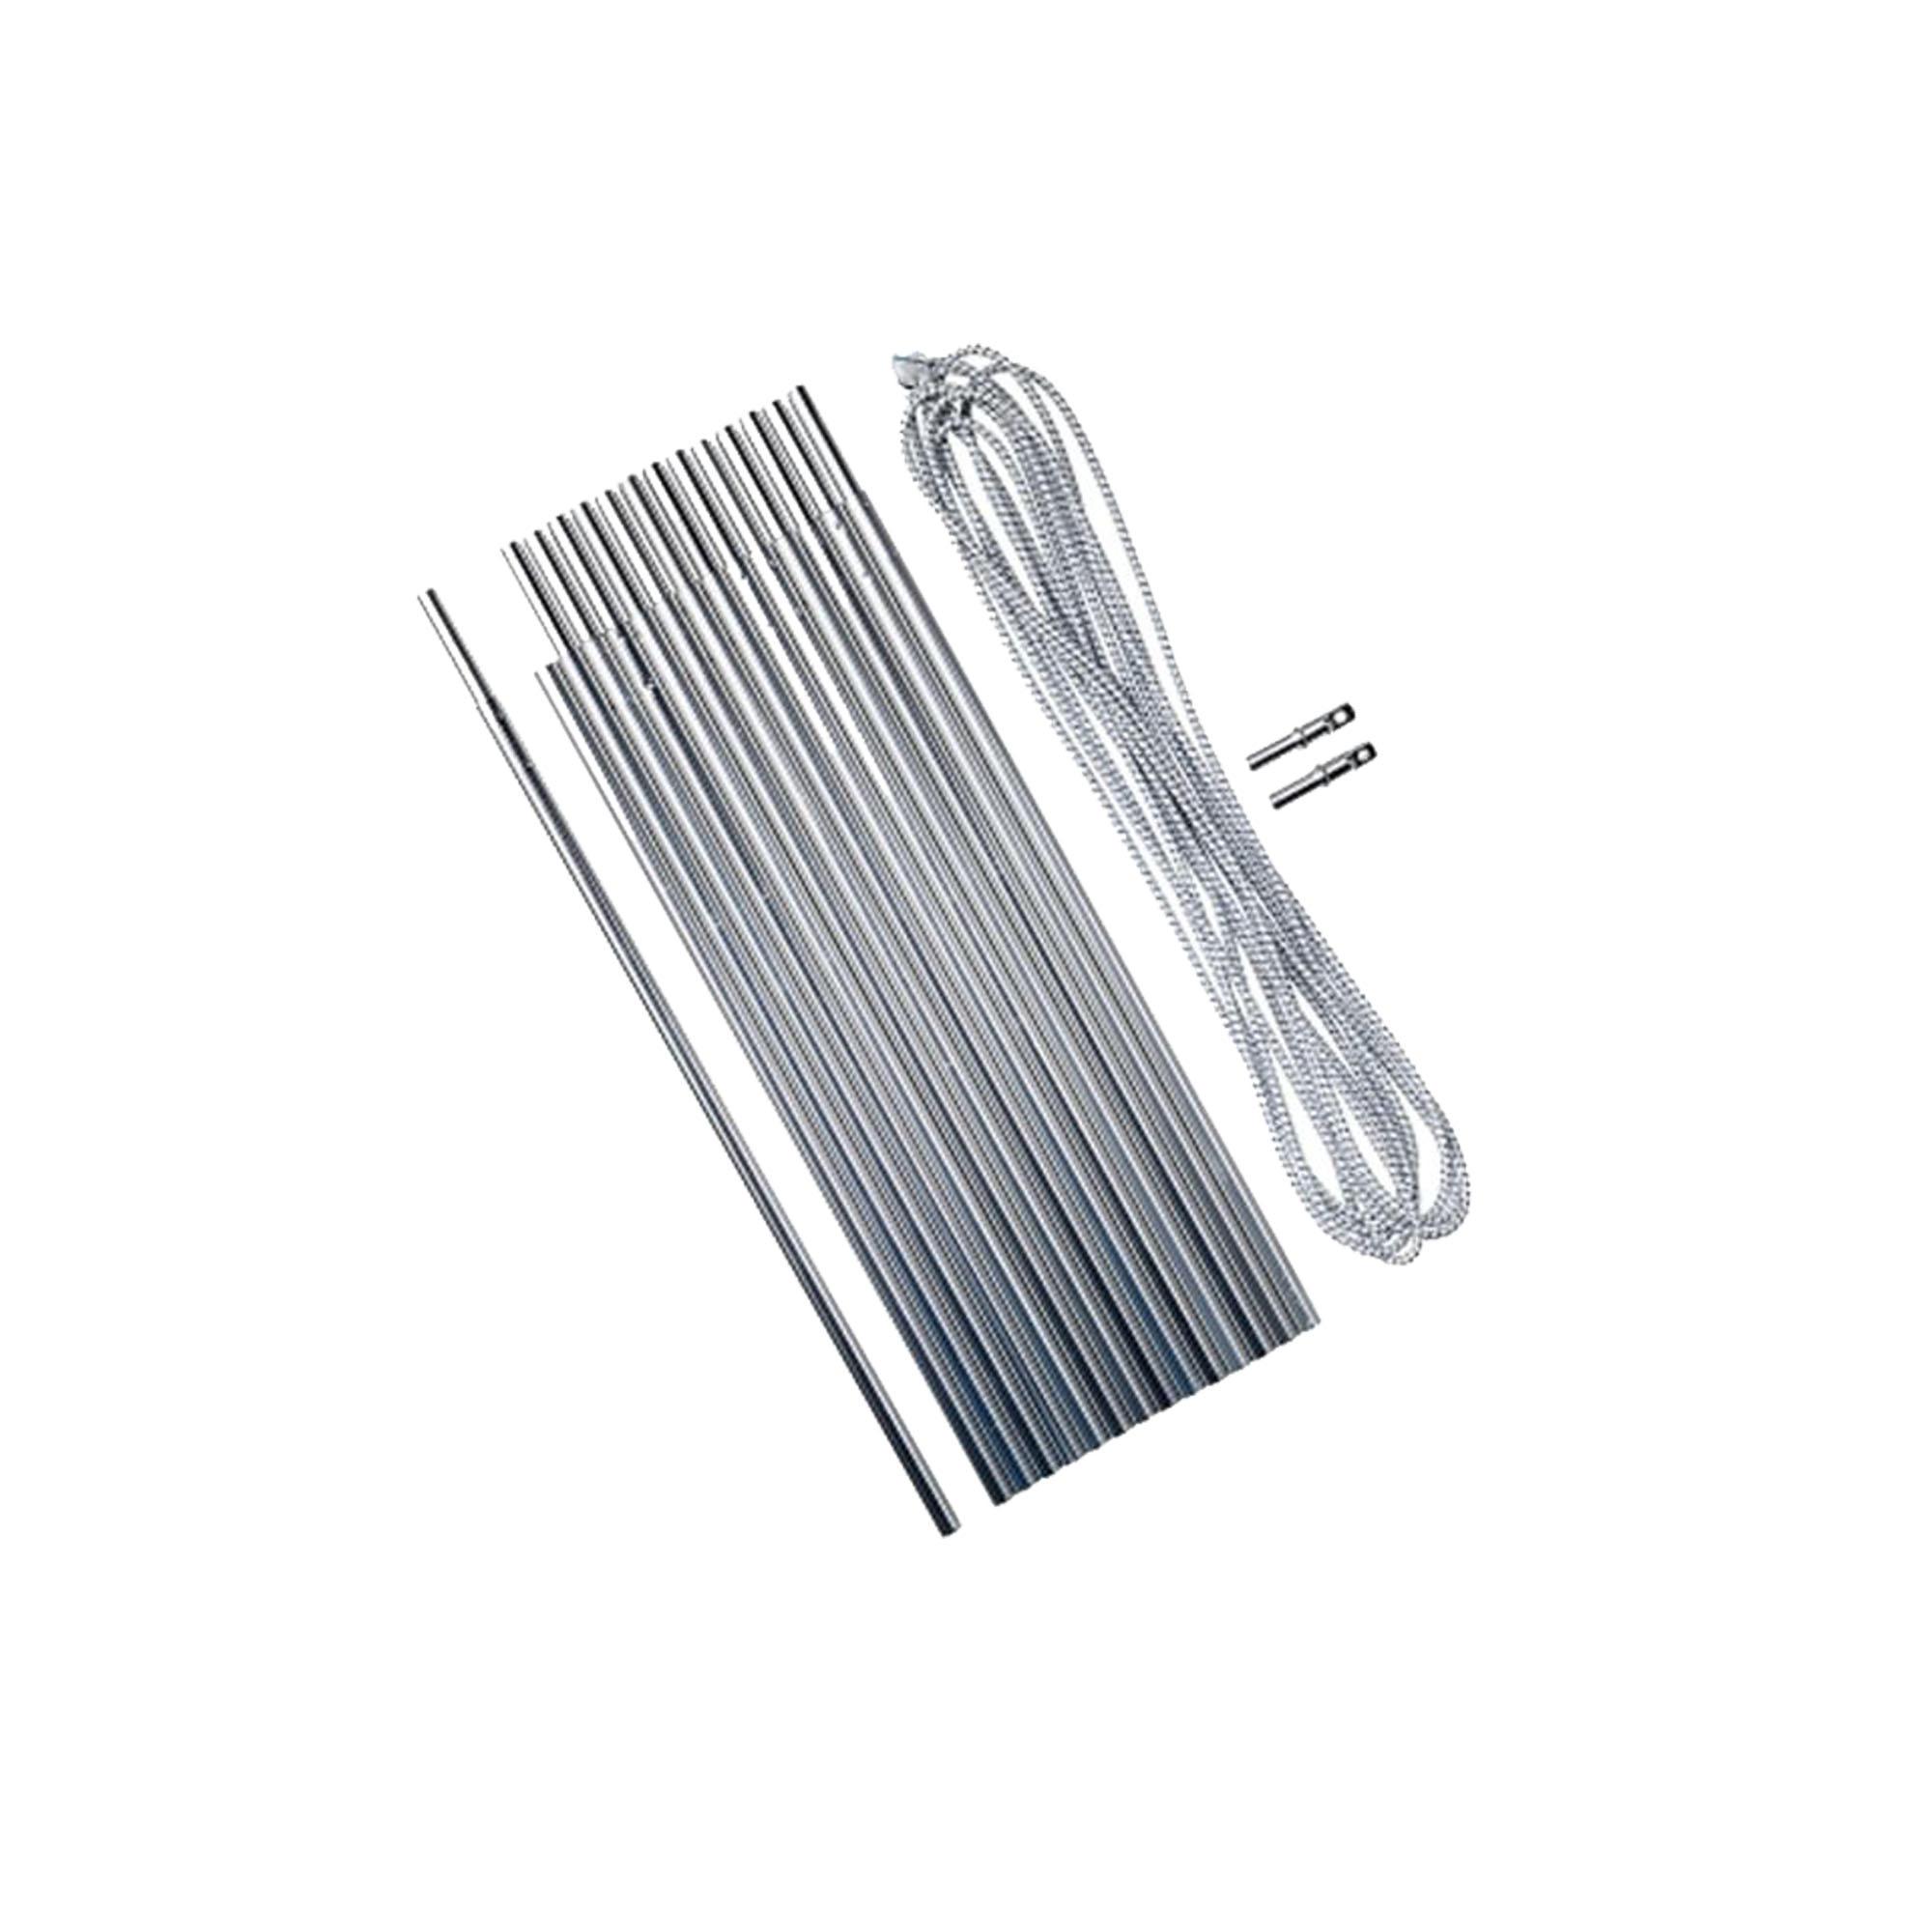 Kit arceau en aluminium 4,5 mètres Ø 8,5 mm ; 15 joncs de 30 cm - Forclaz